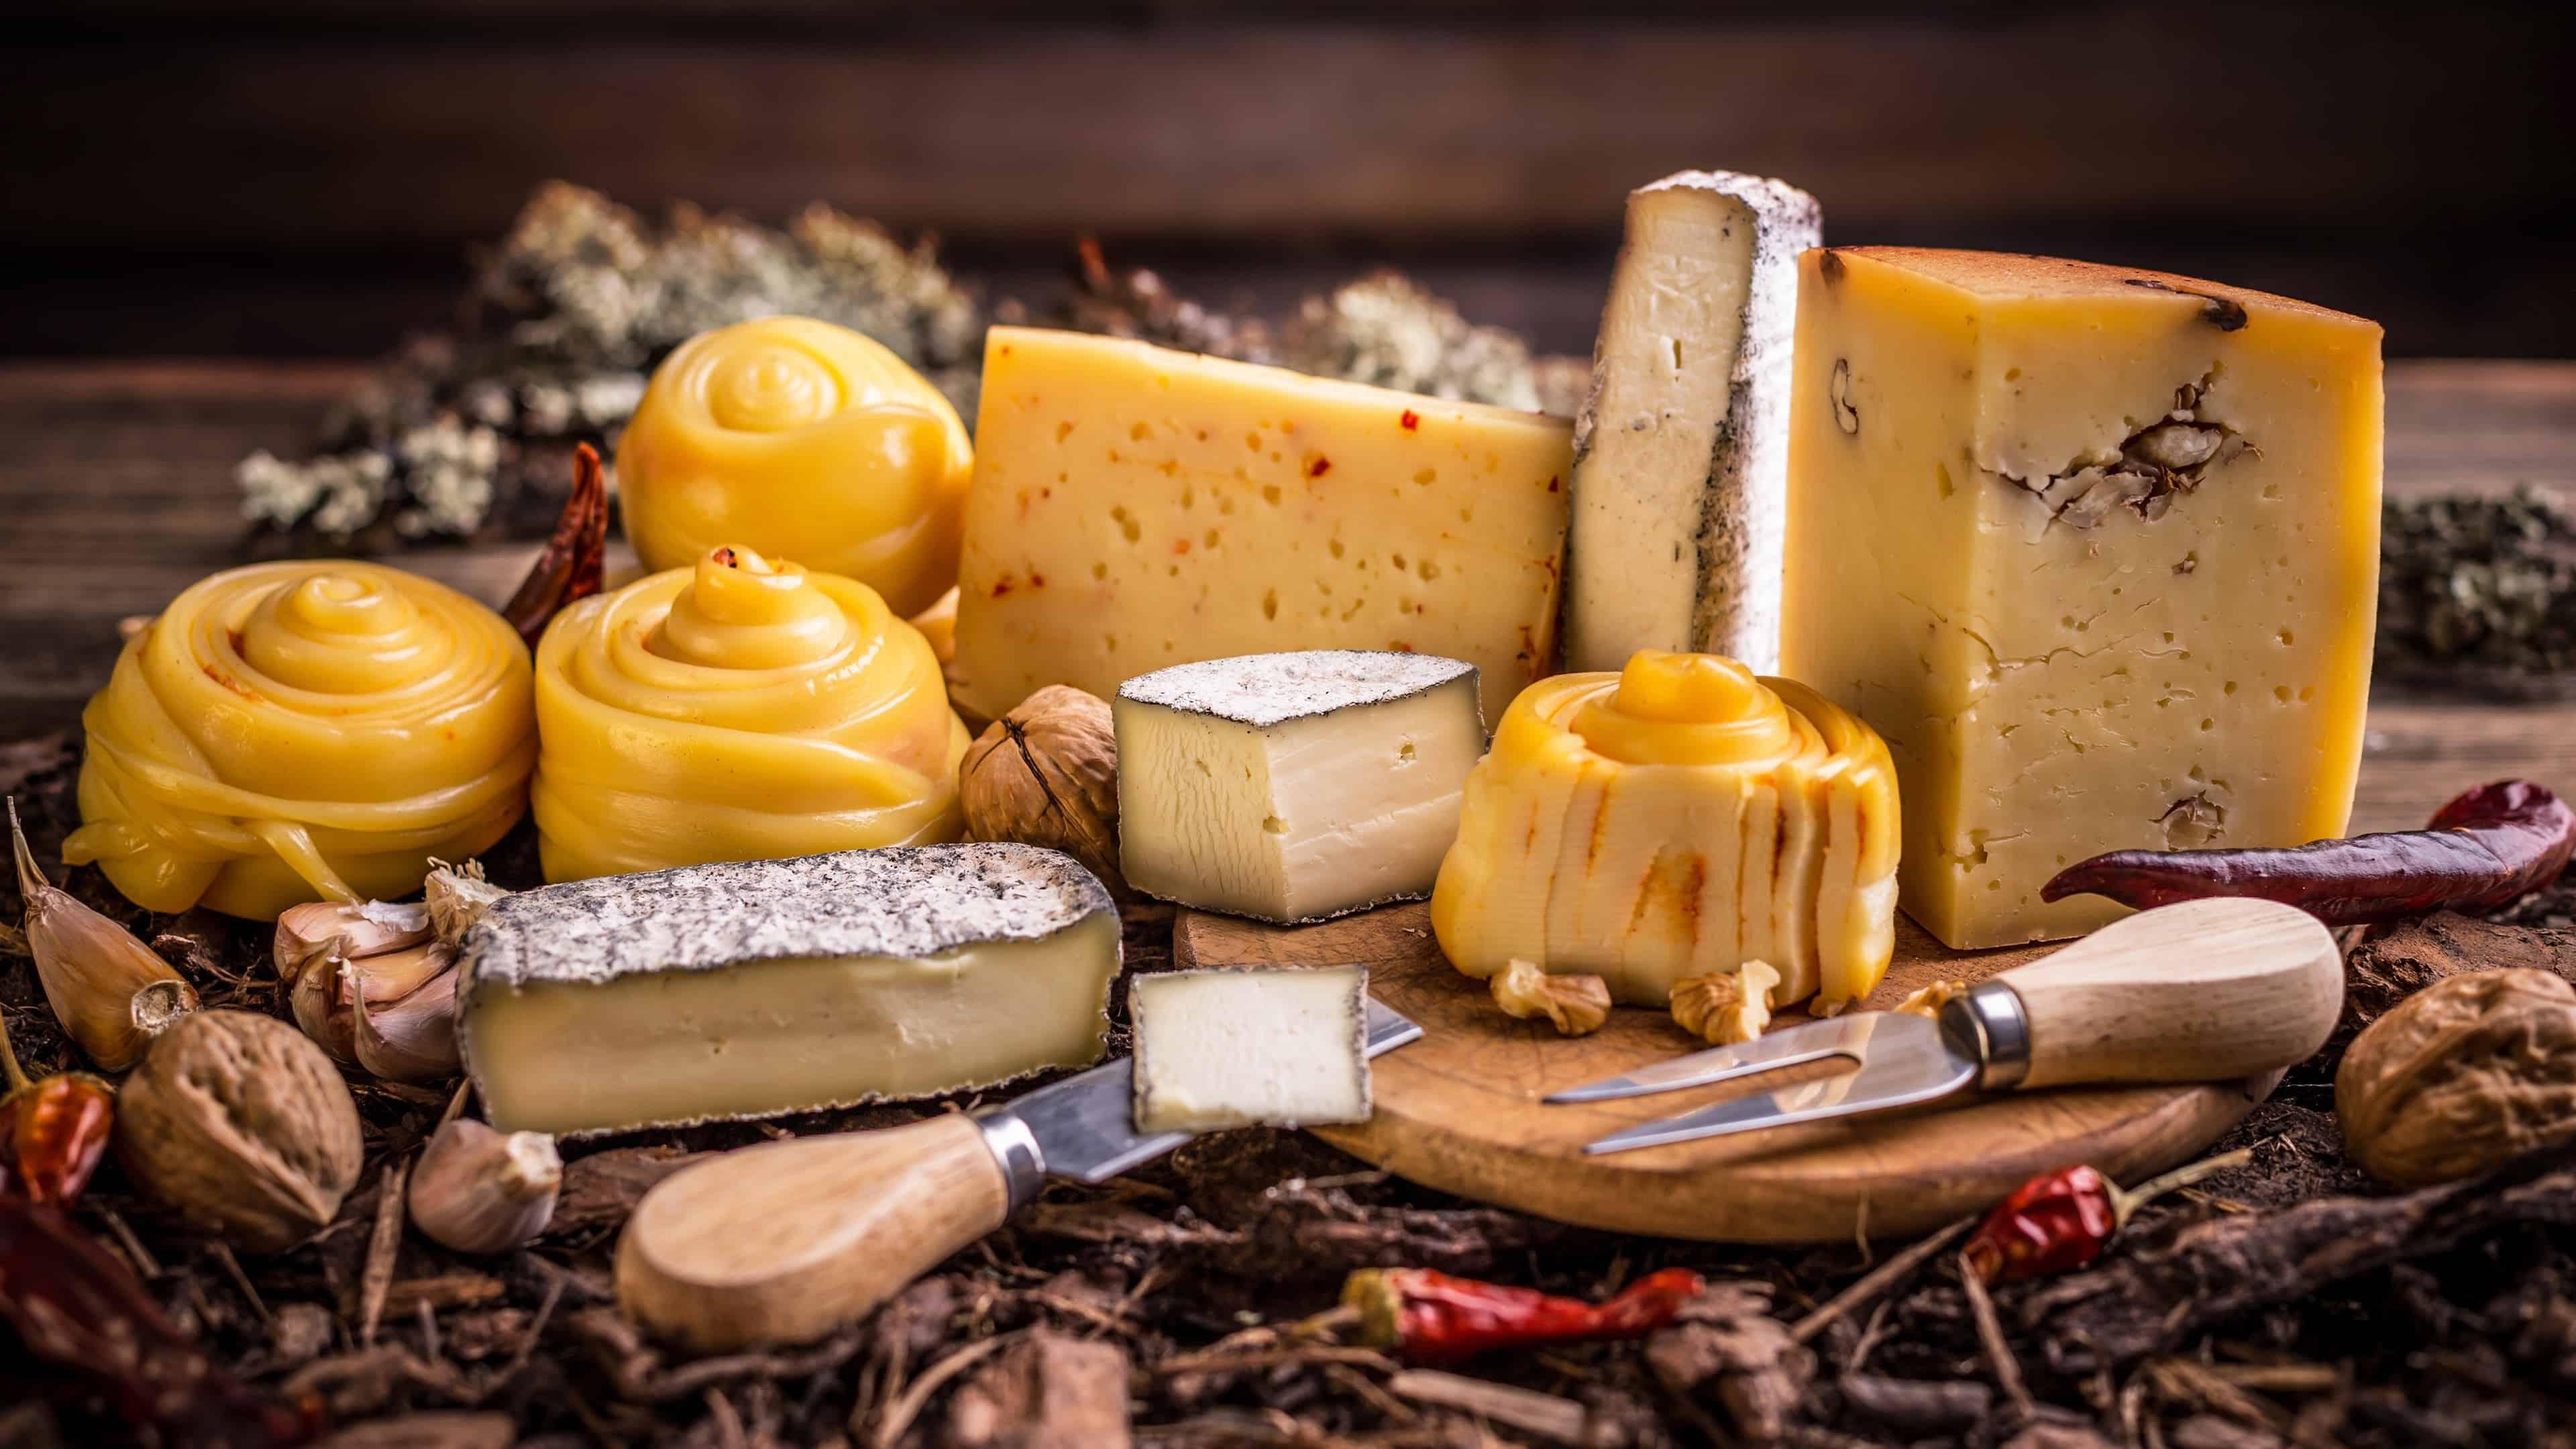 cheese platter uhd 4k wallpaper